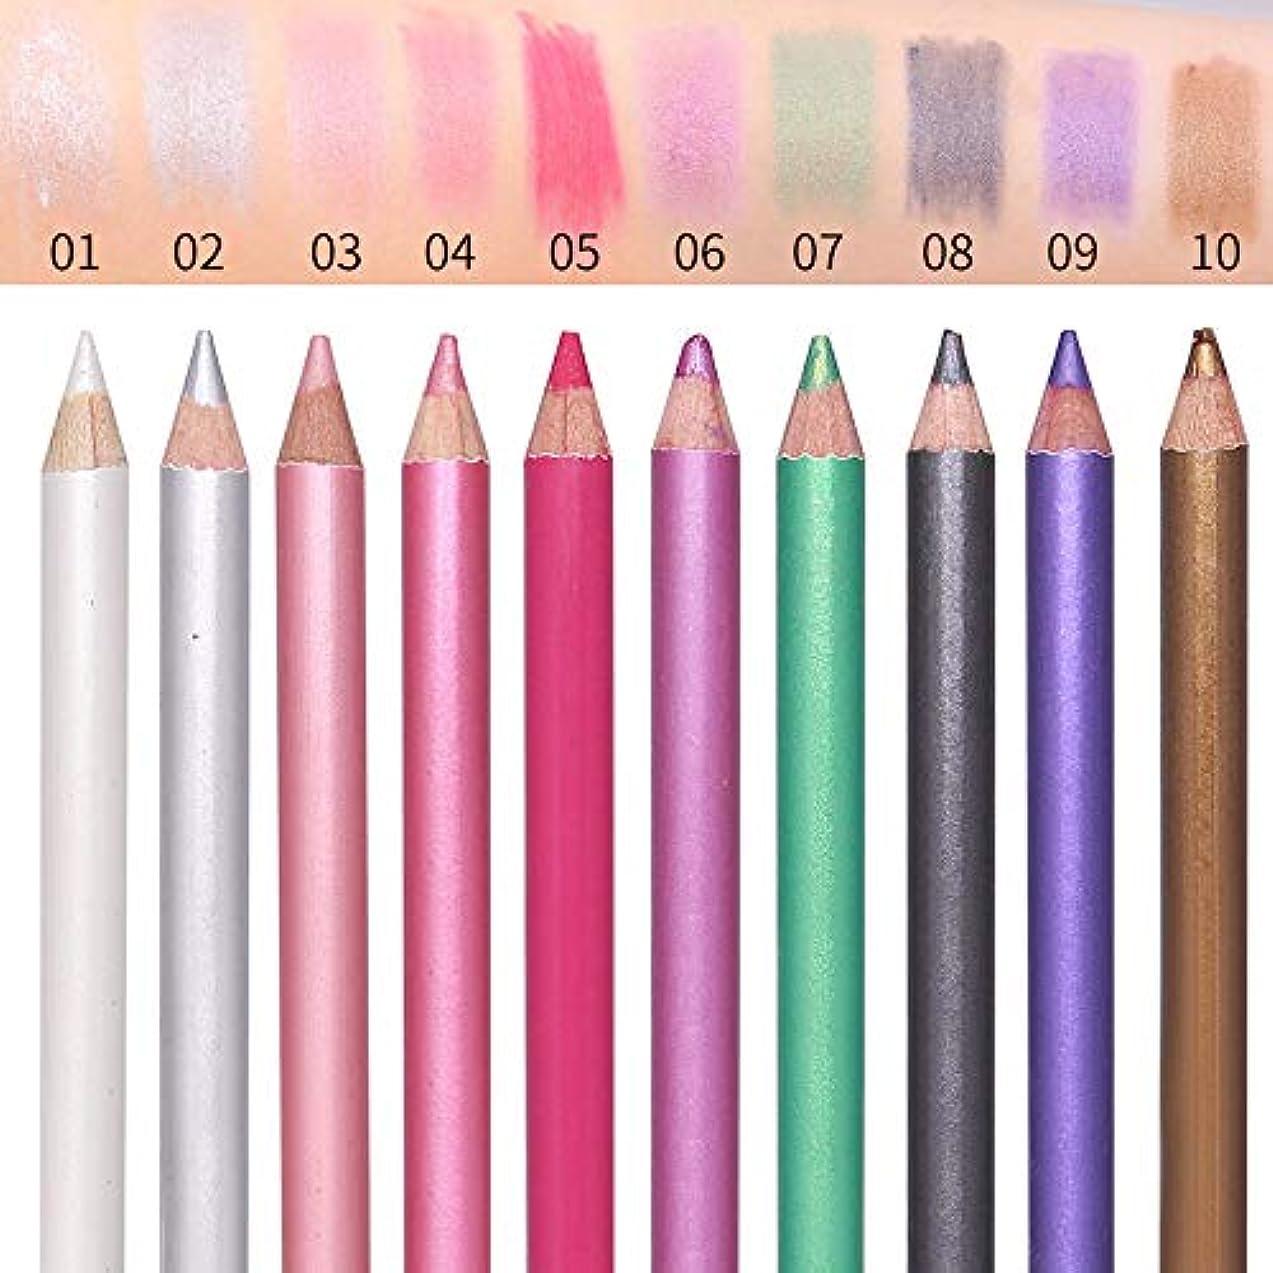 1ピースフェイスアイシャドウペンシルハイライト輪郭ペンスティック防水長続き化粧10色シャドウペンシル付きブレンダー (3)